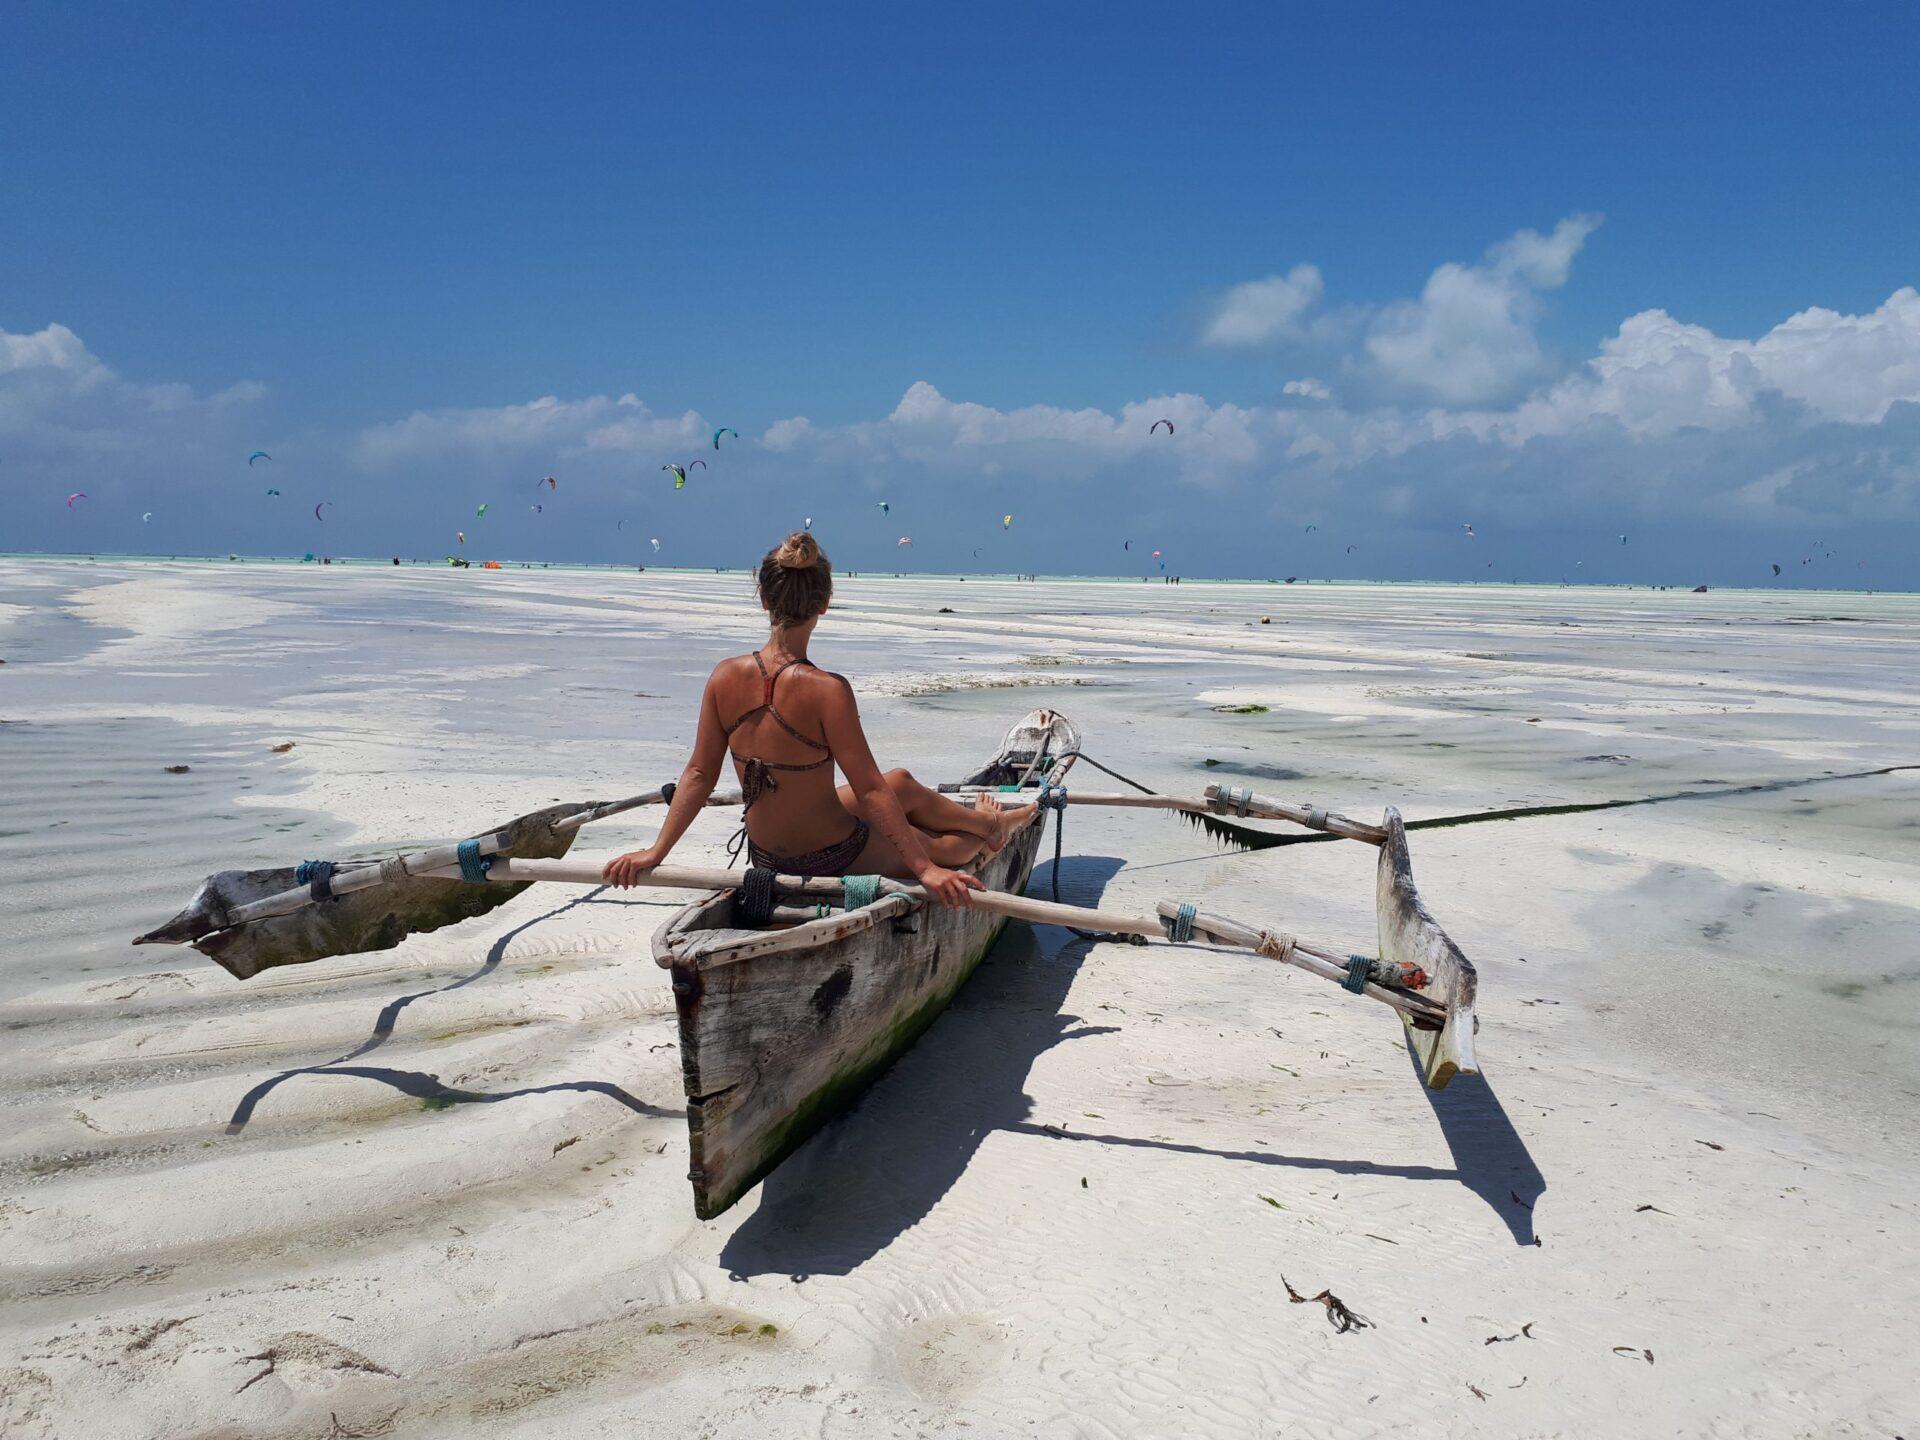 foto4 scaled Marceliene: ''Dit is reislust. Ik kan het iedereen aanraden!''